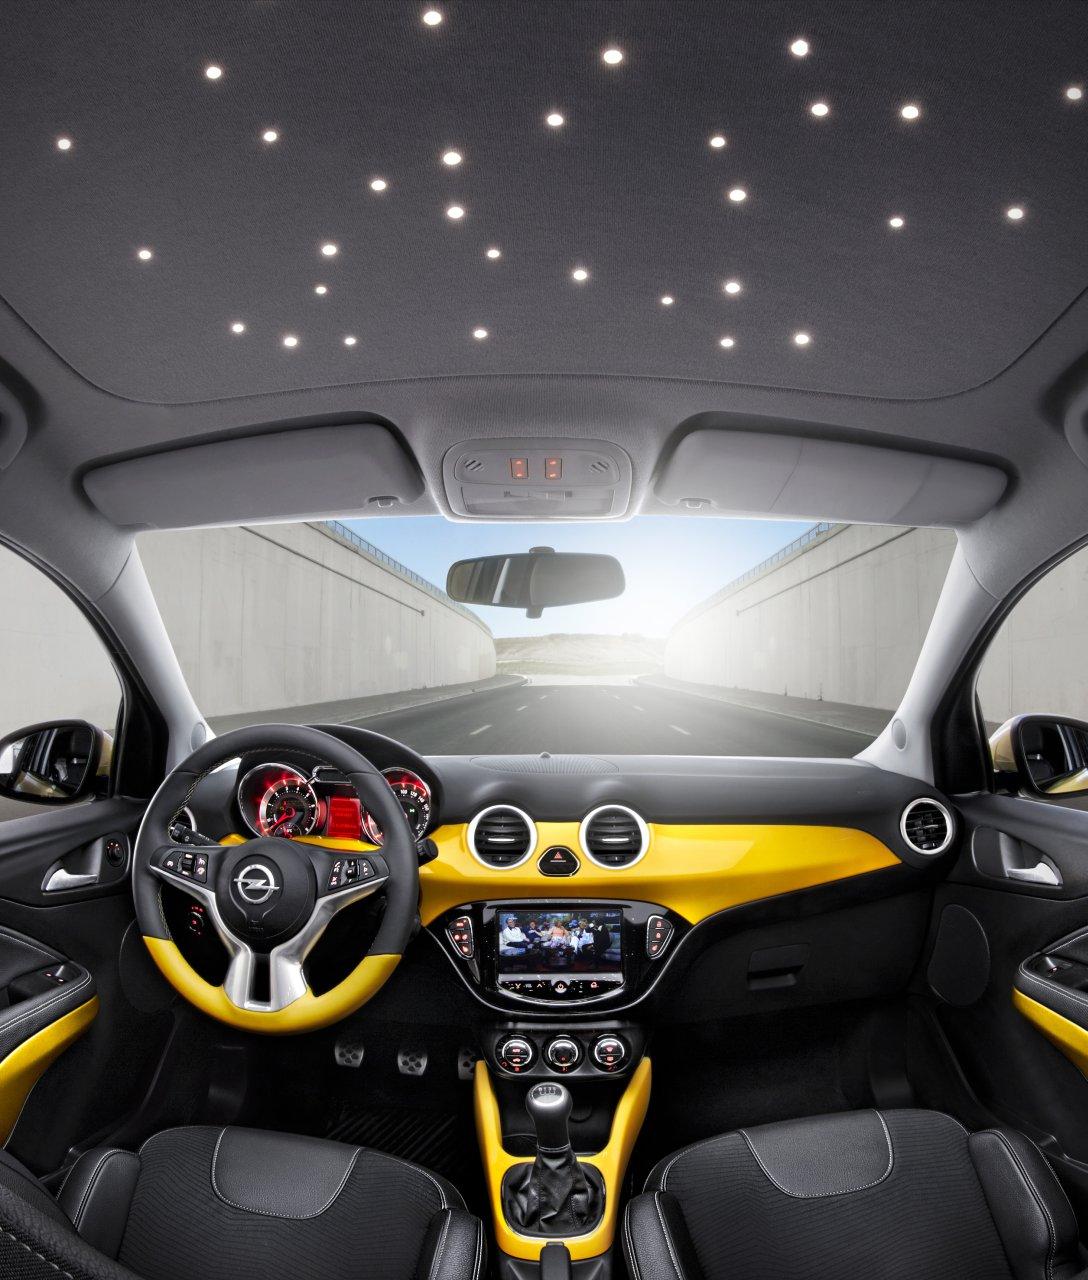 Opel Adam 2013 interior